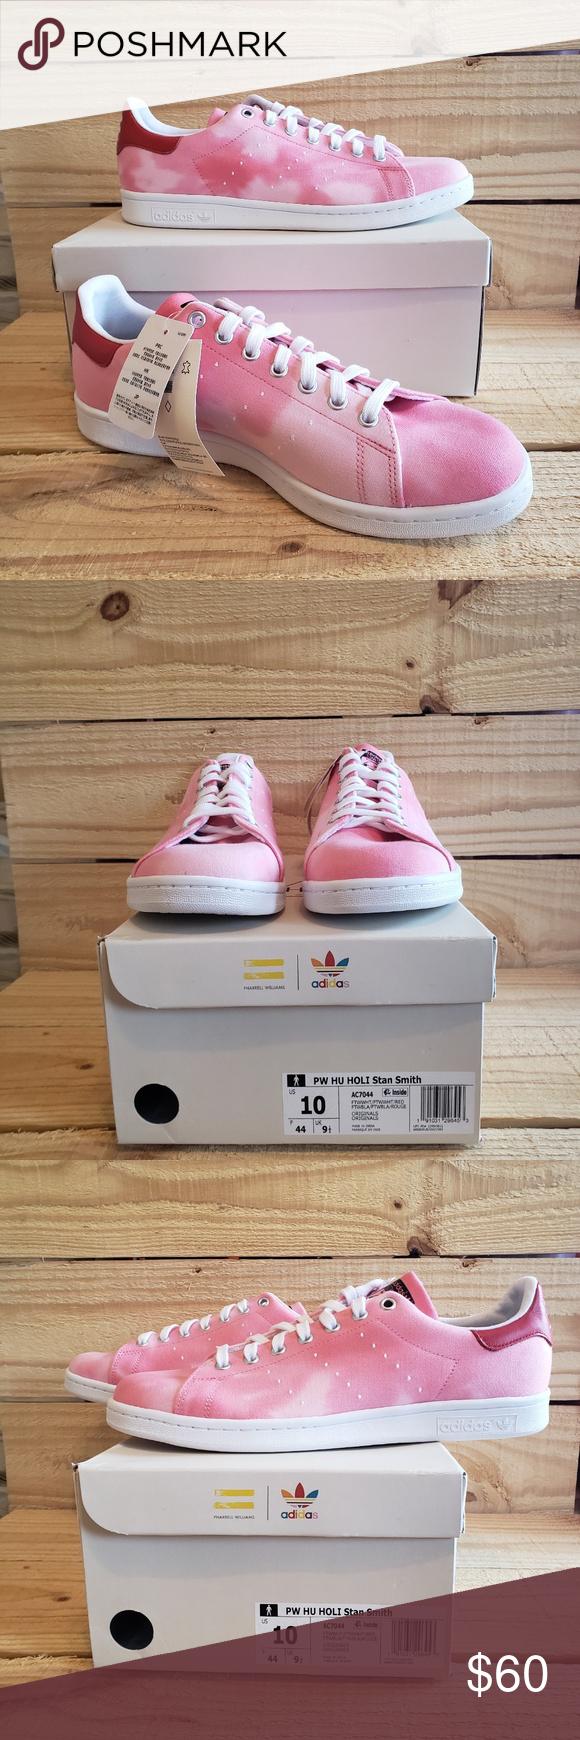 311a4a4af New Adidas Shoes · Adidas AC7044 Pharrell Williams Hu Holi Stan Smith  Adidas AC7044 Pharrell Williams Hu Holi Stan Smith